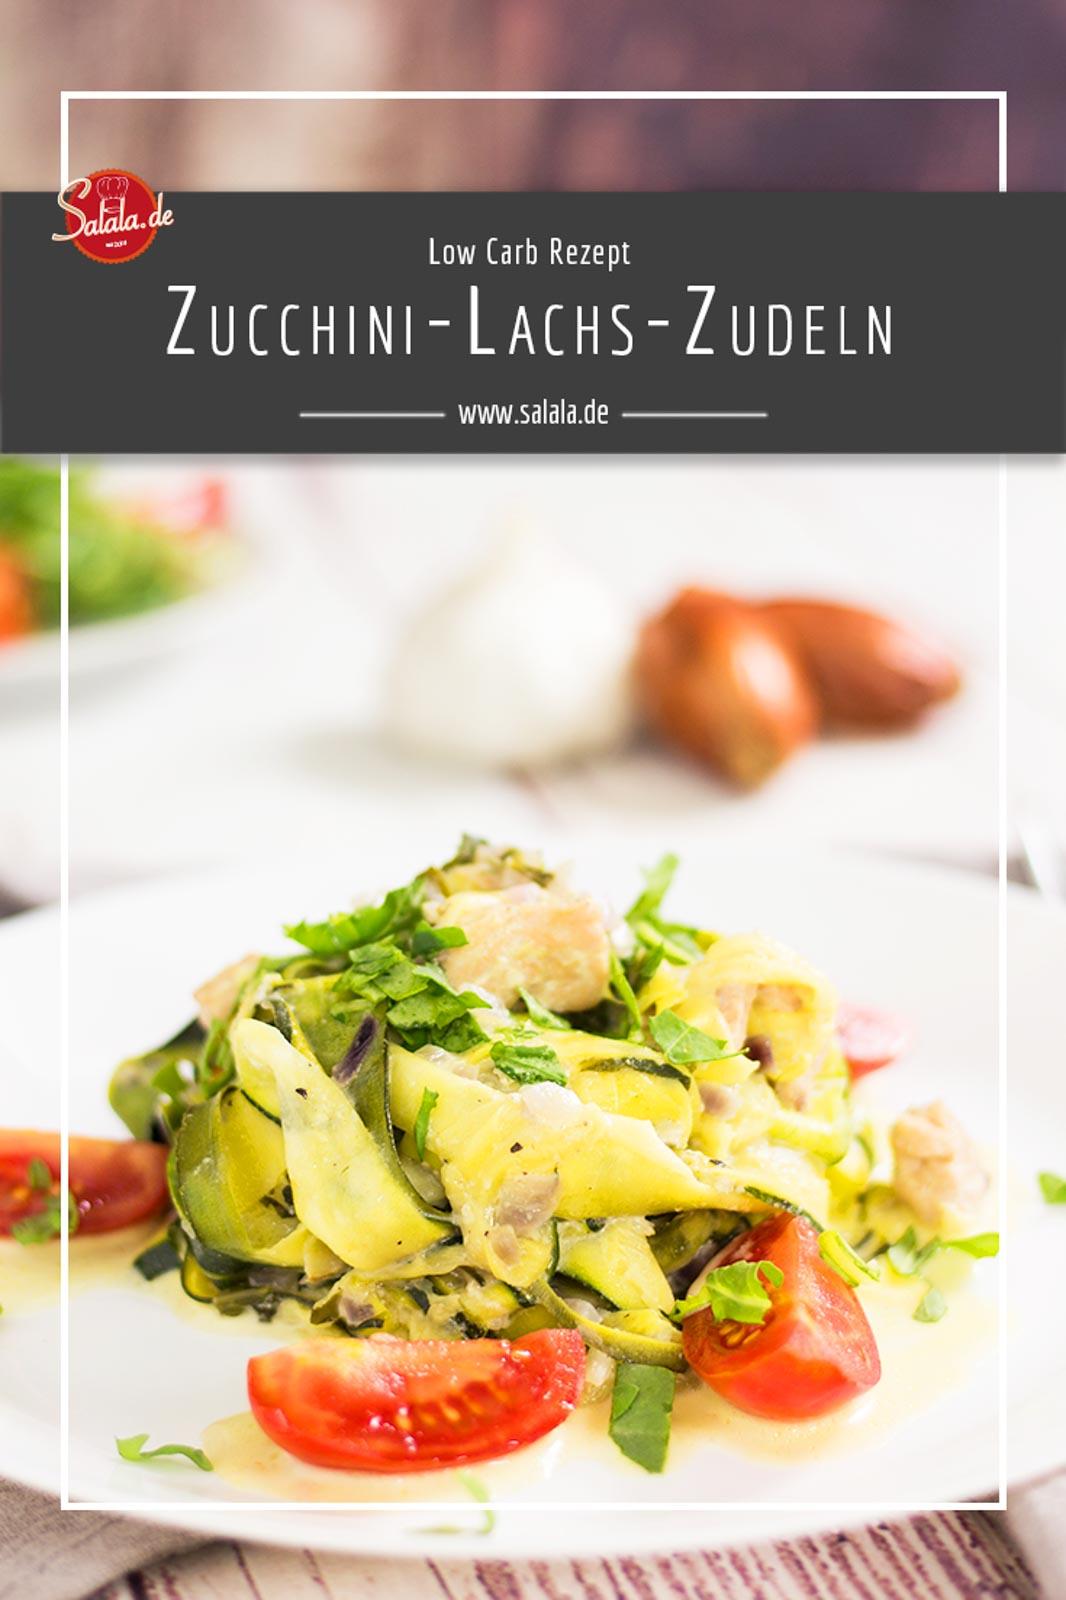 Zucchini Lachs Zudeln - by salala.de - Rezept mit Gemüsenudeln Low Carb Gemüsenudeln mit Sahnesauce #lachszucchinipfanne #gemüsenudeln #zucchninudeln #lowcarb #rezepte #lowcarbrezepte